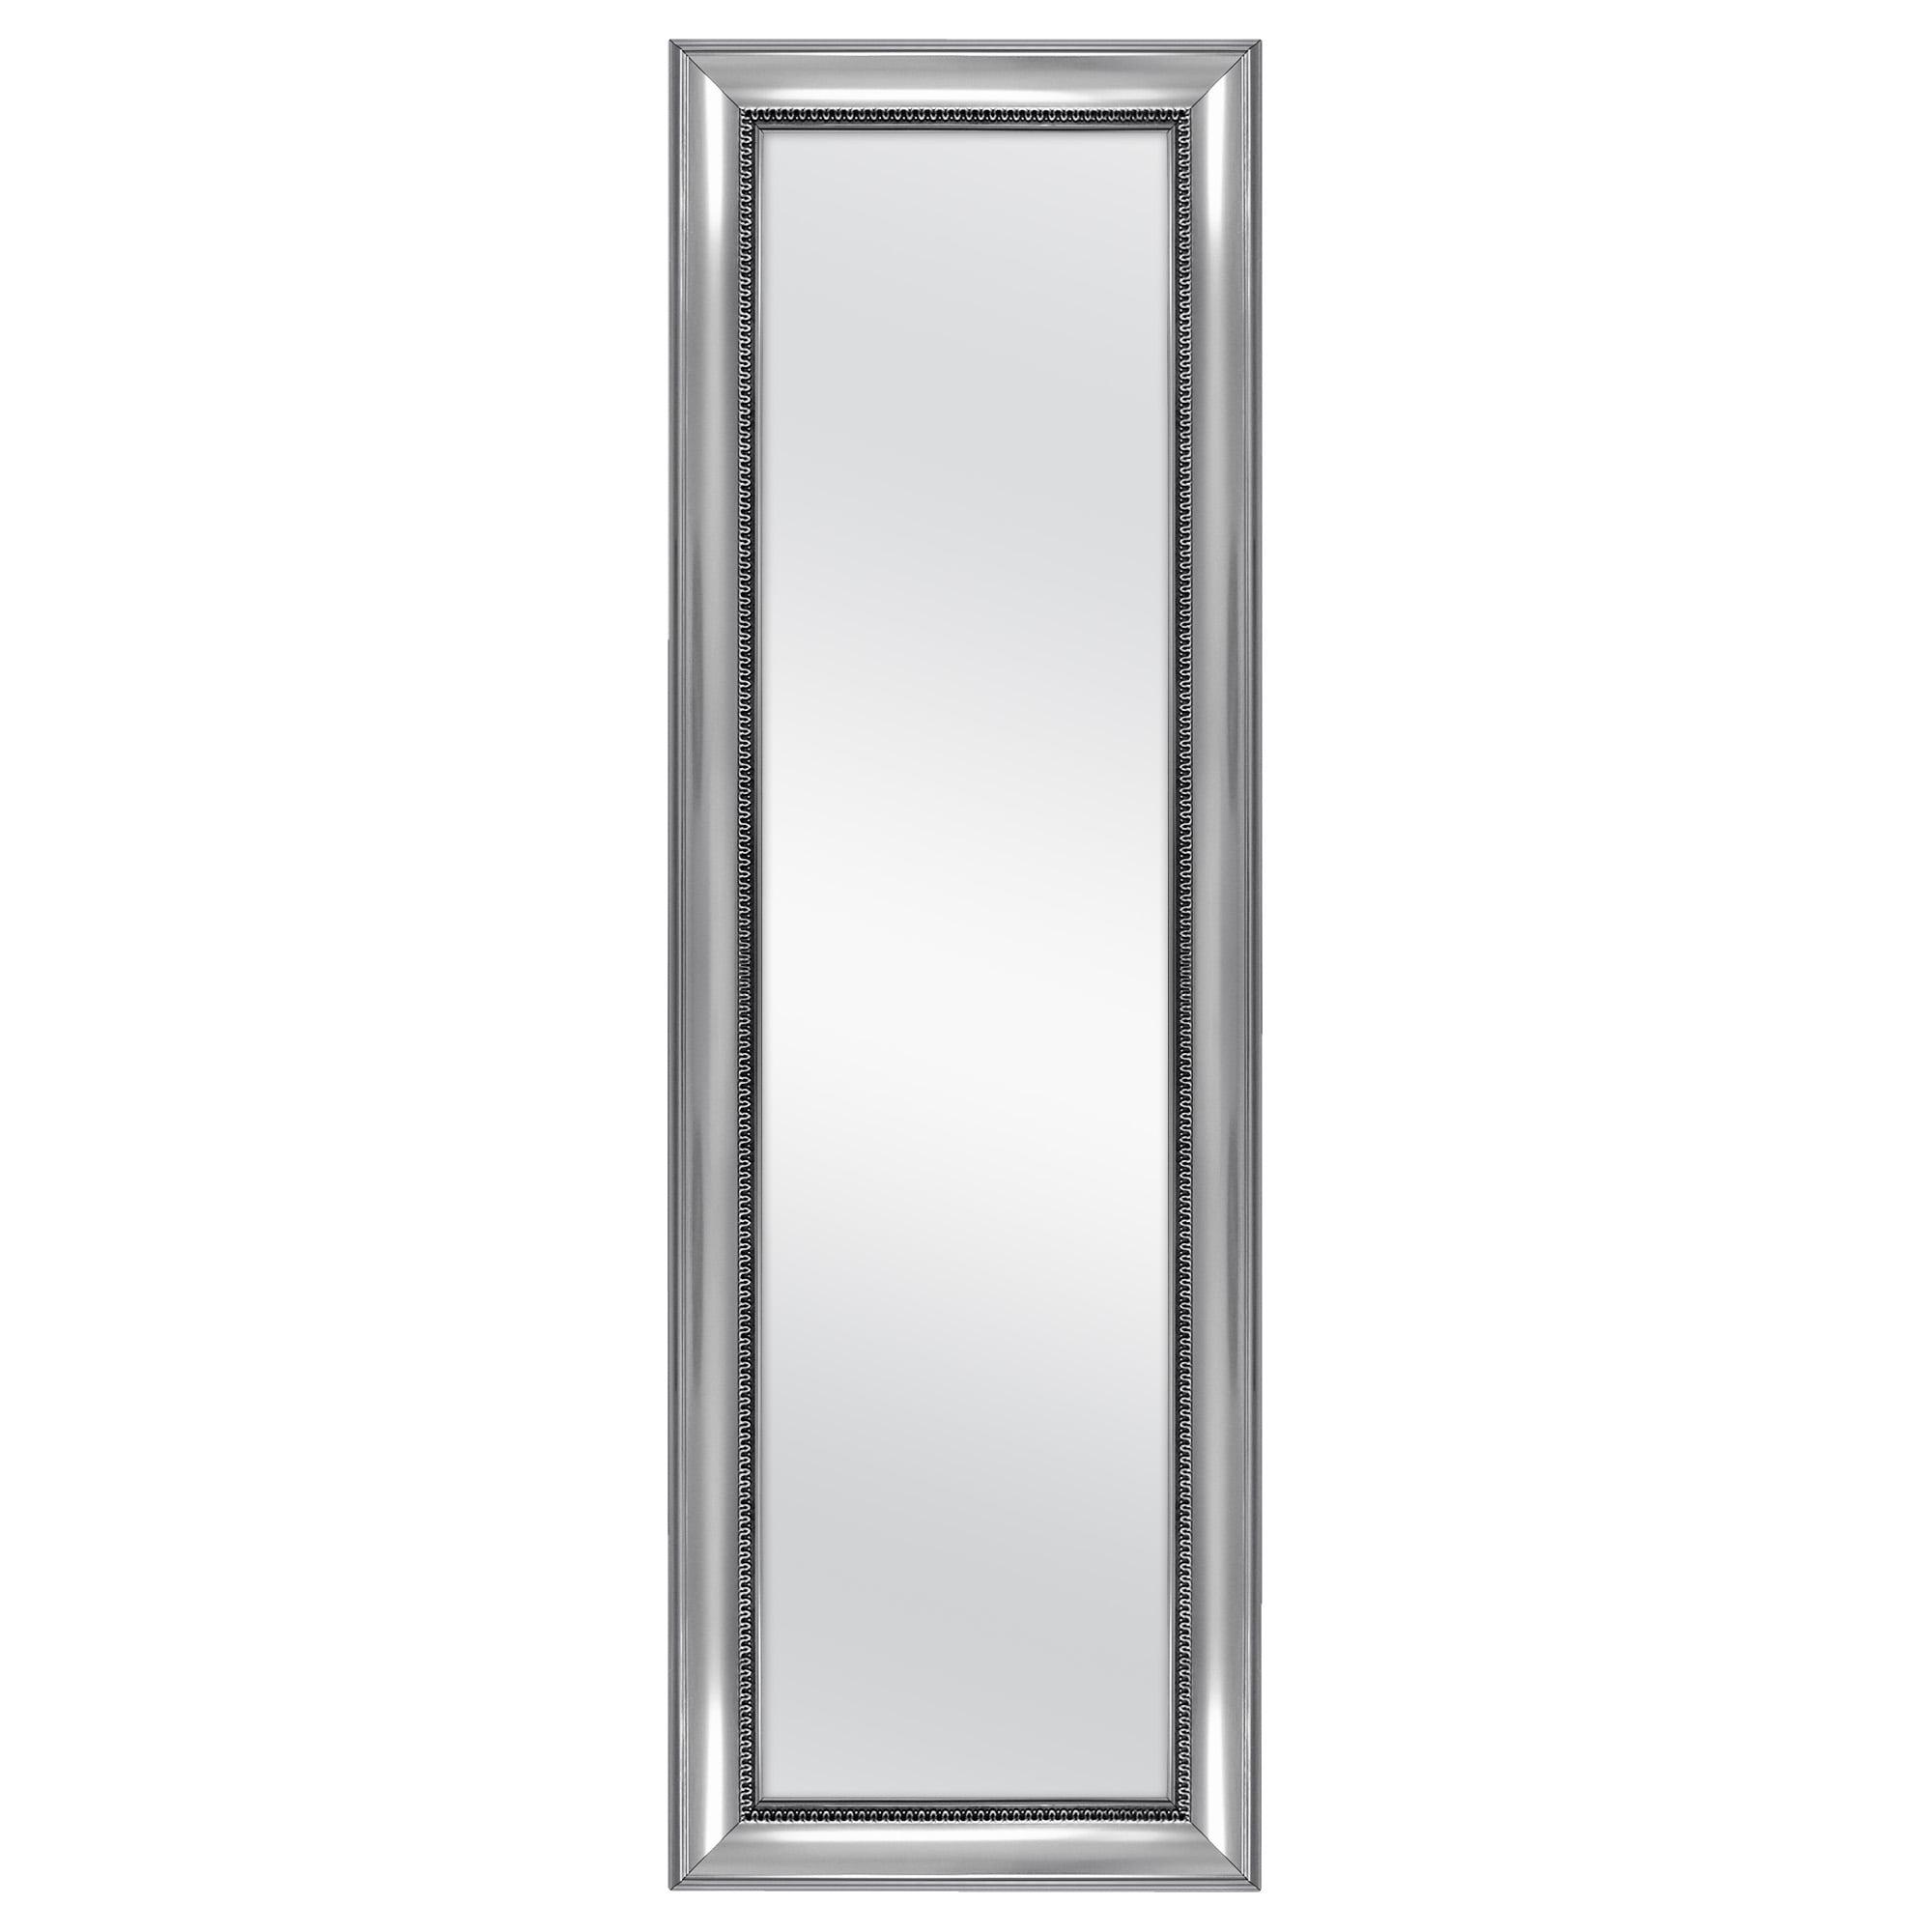 13 in x 49 in Framed Door Mirror White Full Length Dorm Bedroom Office Home NEW